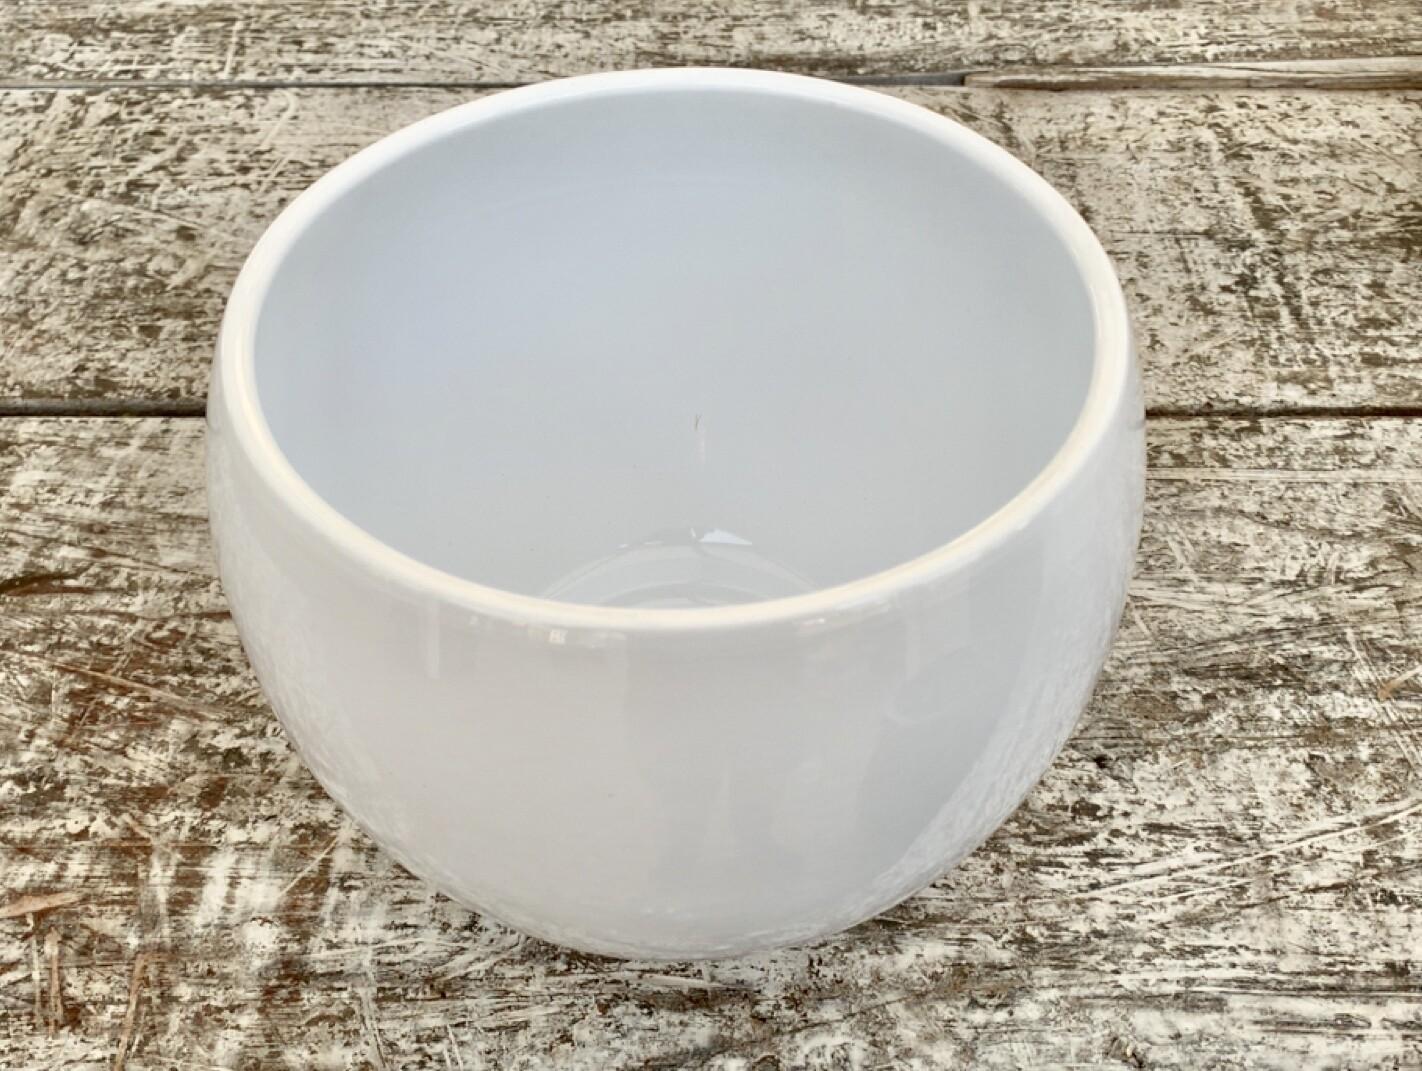 Vaso Tondo in Ceramica Diametro 13